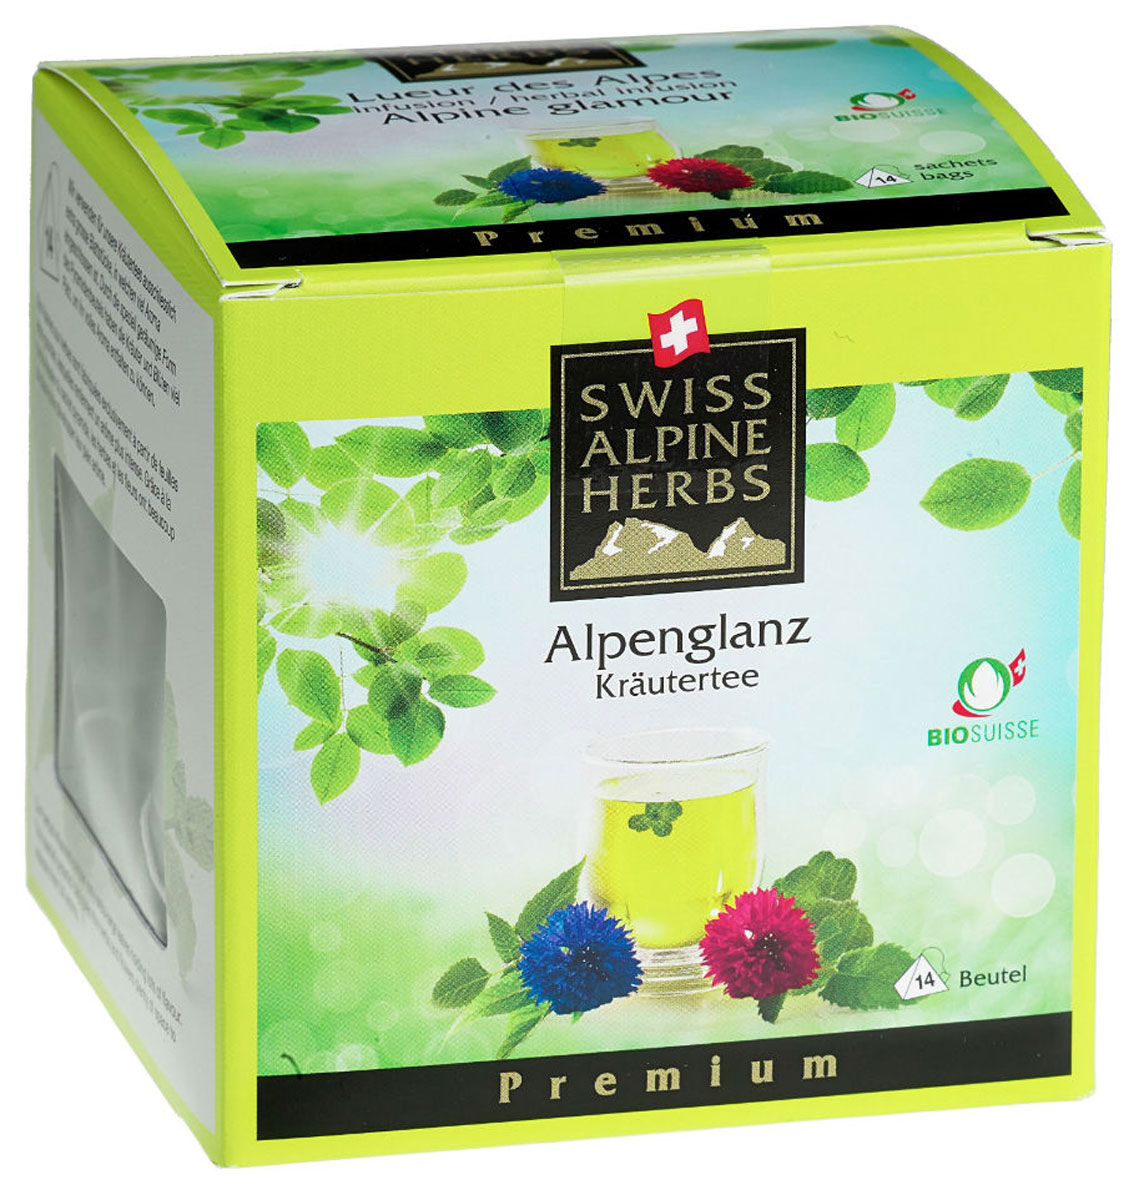 Swiss Alpine Herbs Альпийский гламур травяной чай в пакетиках, 14 шт80088-00Элитный чай в пирамидках Swiss Alpine Herbs– это вкусный, бодрящий и тонизирующий напиток. В его состав входят альпийские травы: мелисса, марокканская мята, апельсиновая мята, яблочная мята, монарда двойчатая, цветки василька голубого и красного. Это не просто вкусный, но и очень полезный чай, который обеспечит ваш организм необходимыми витаминами.